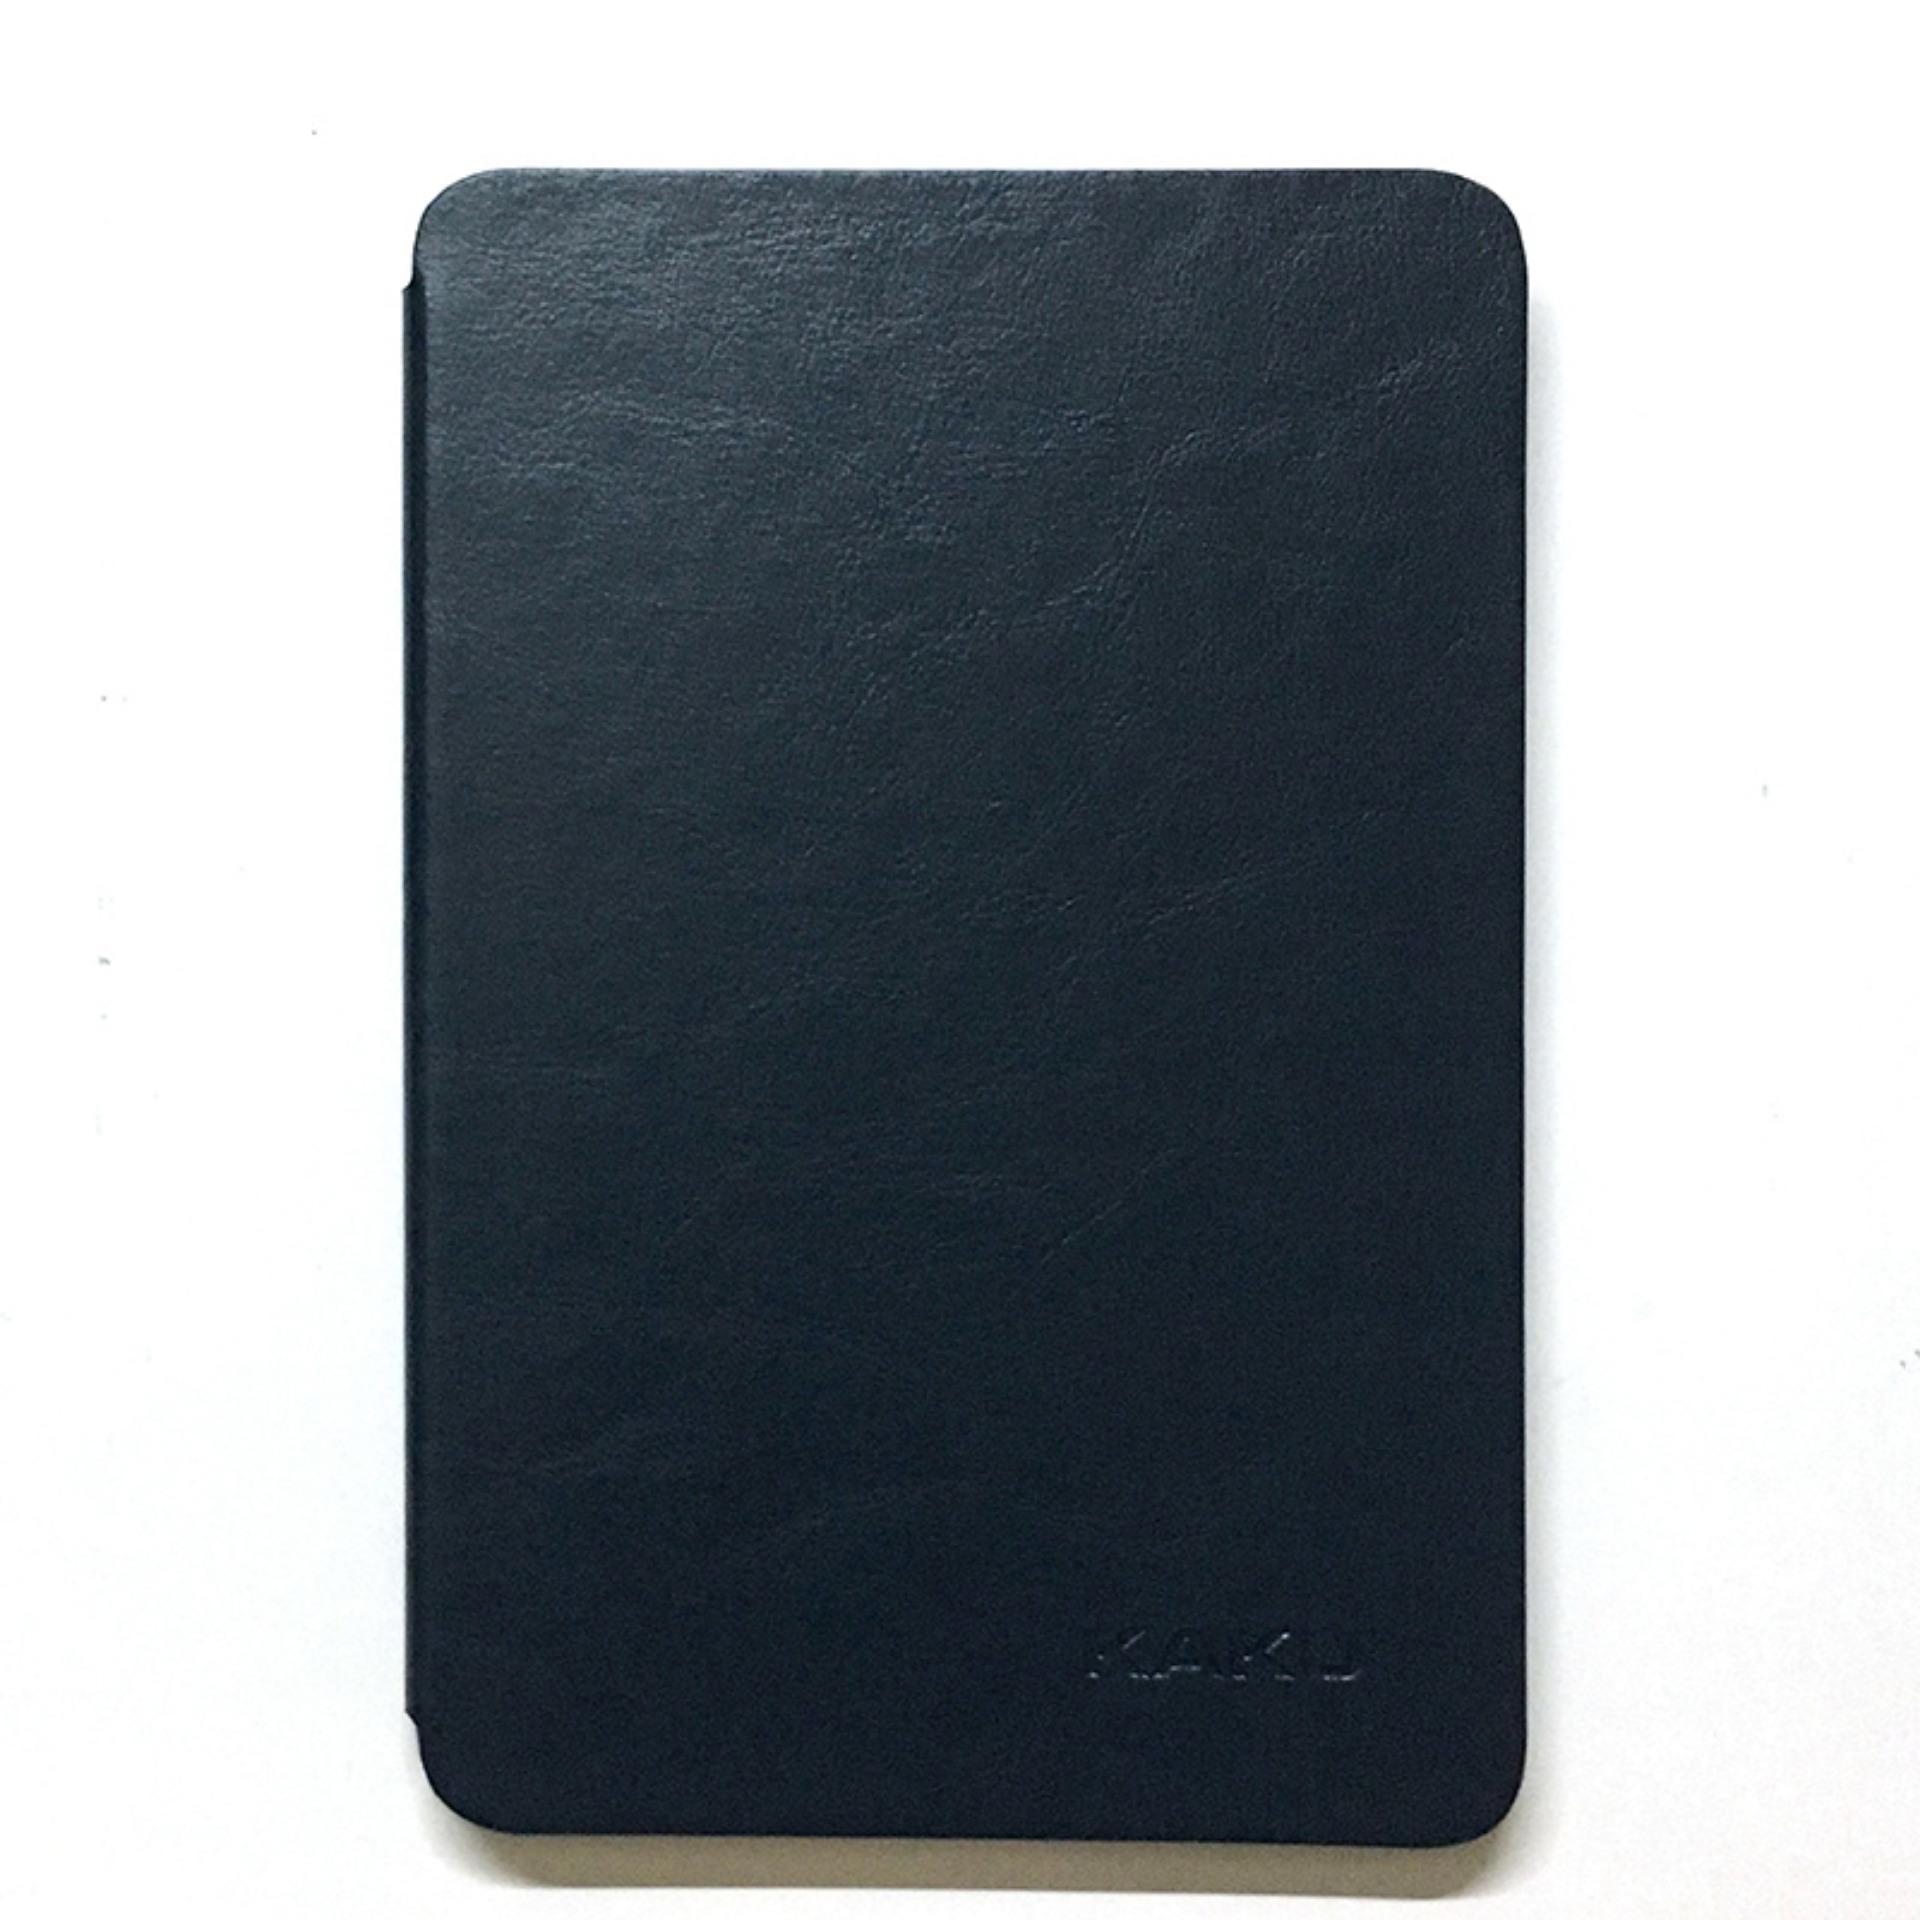 Bao da dành cho Máy Tính Bảng Samsung Galaxy Tab A 8 inch / T350 / P355 / T355